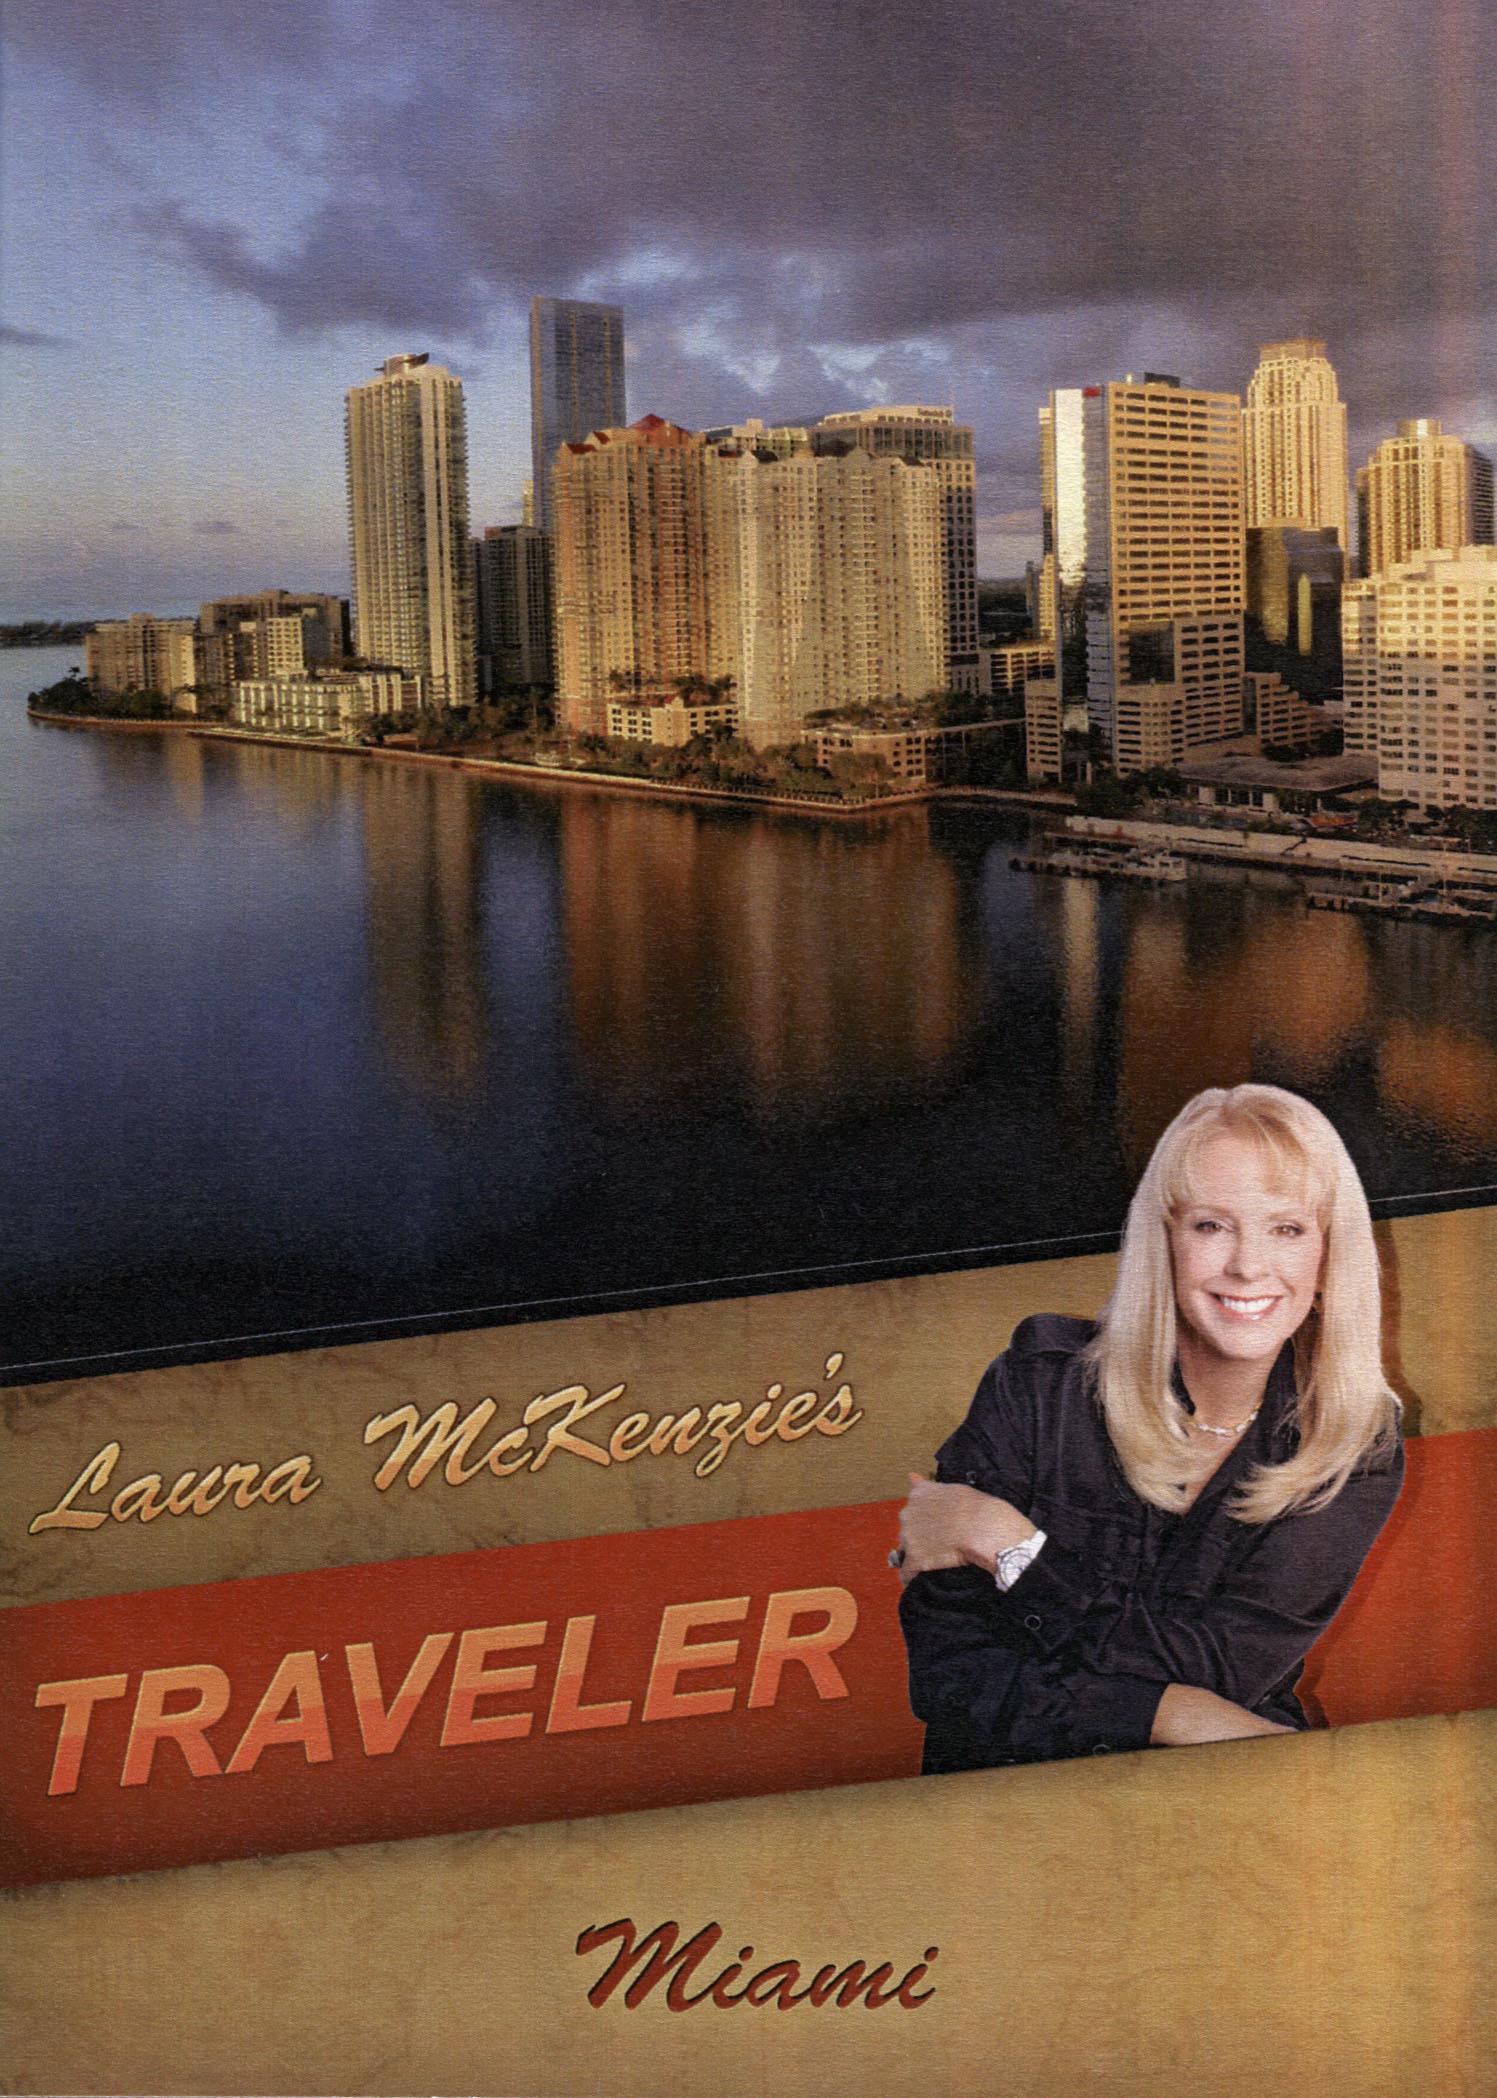 Laura McKenzie's Traveler: Miami